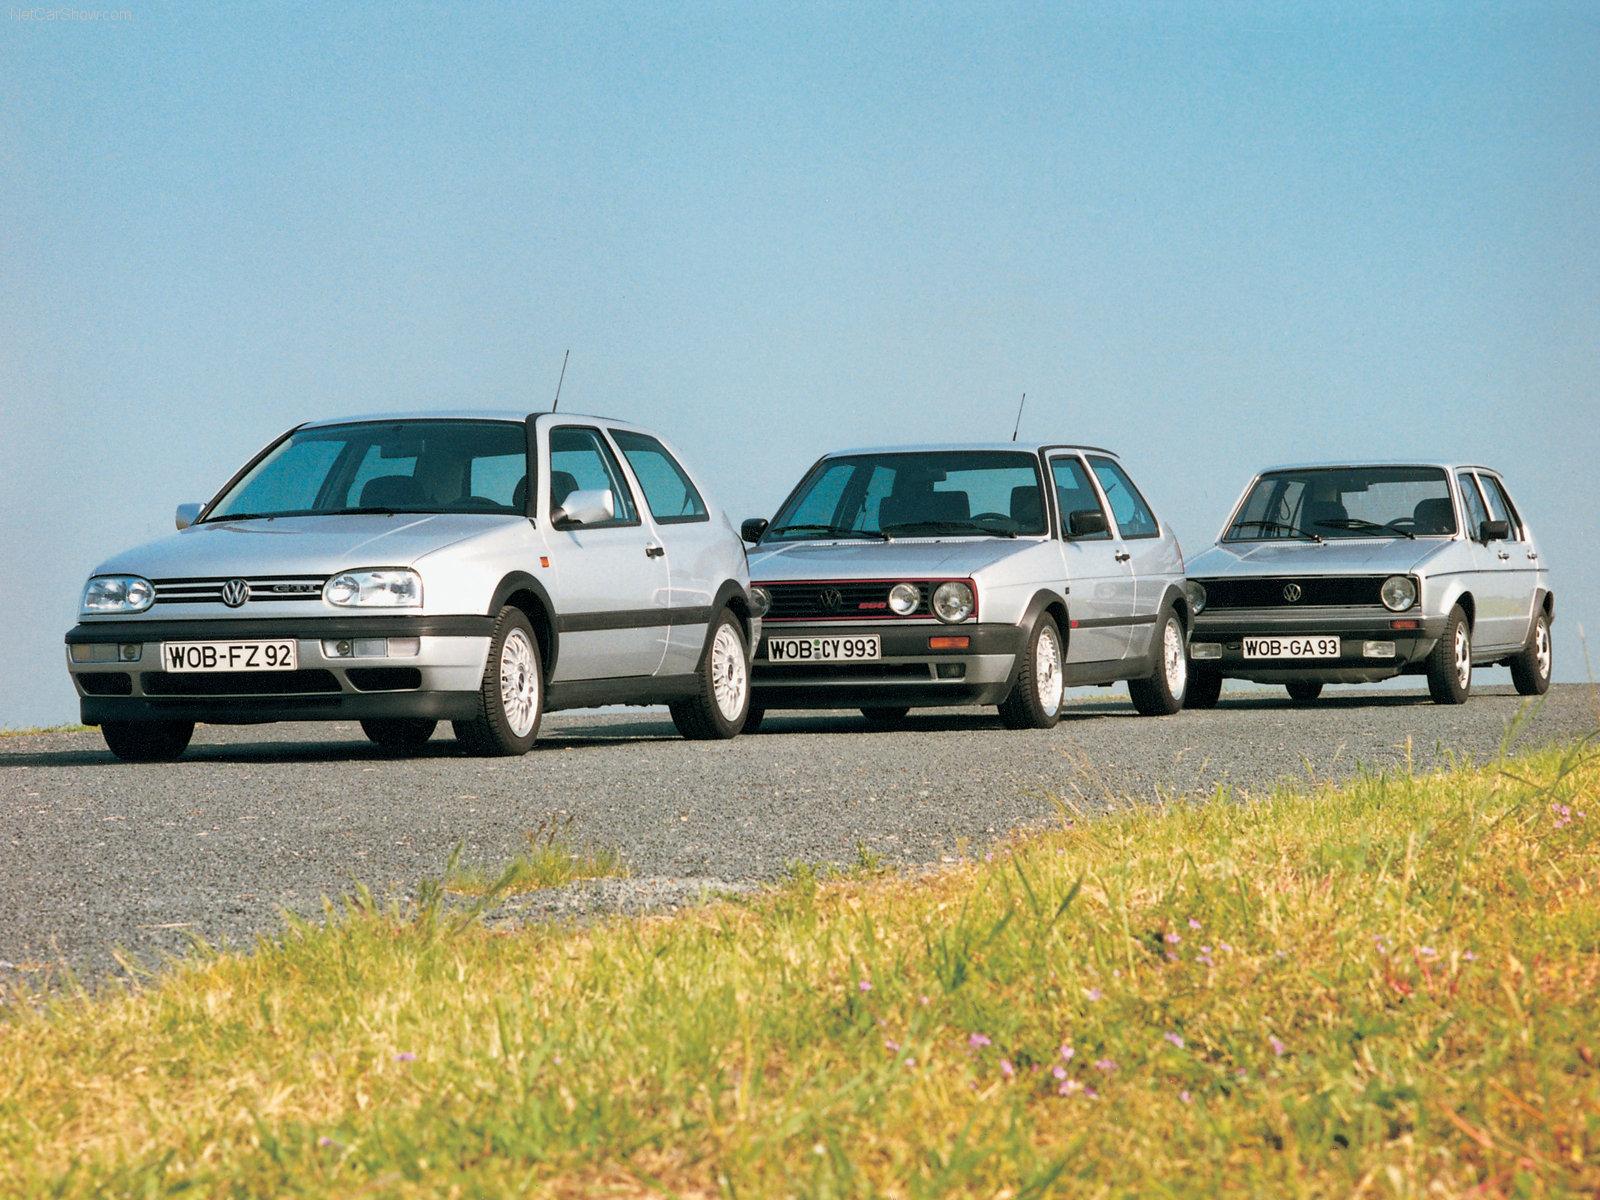 http://4.bp.blogspot.com/_tYLiNBxAzZw/S6snrORqZuI/AAAAAAAAAMc/GQueQTOApJA/s1600/Volkswagen-Golf_I_GTI_1976_1600x1200_wallpaper_04.jpg